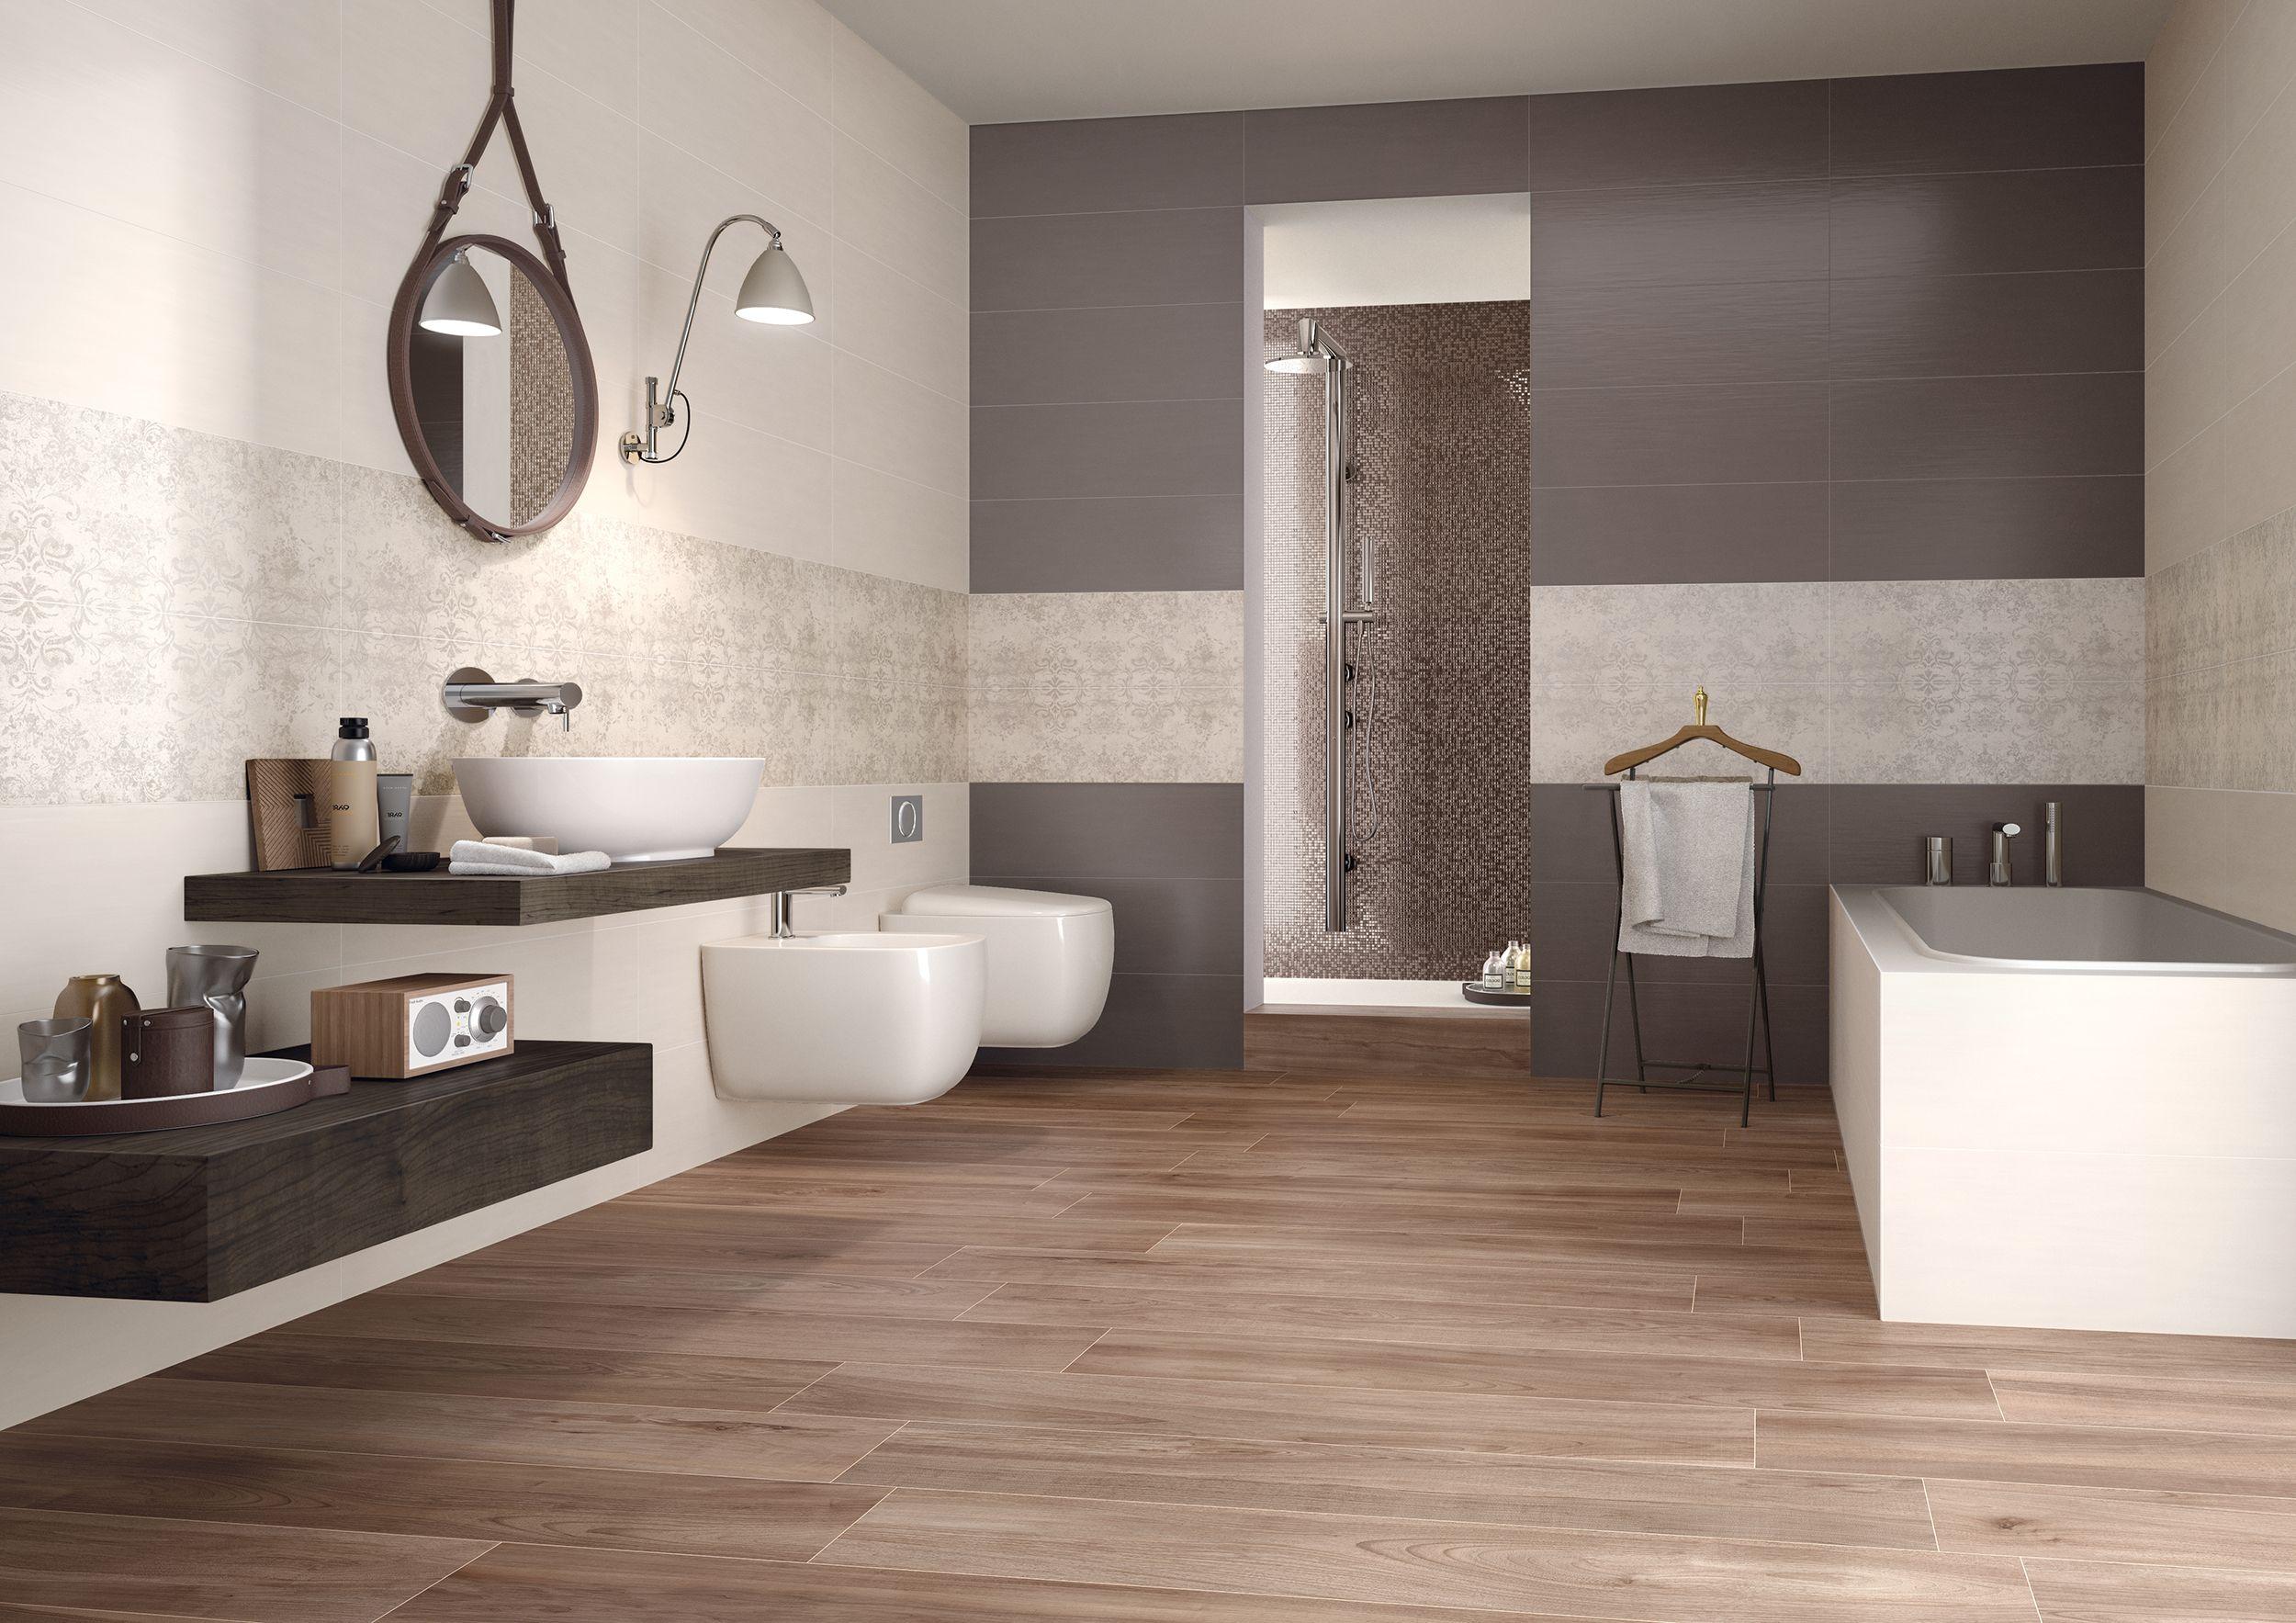 A pavimento di questo bagno la nostra collezione priv - Rimuovere cemento da piastrelle ...